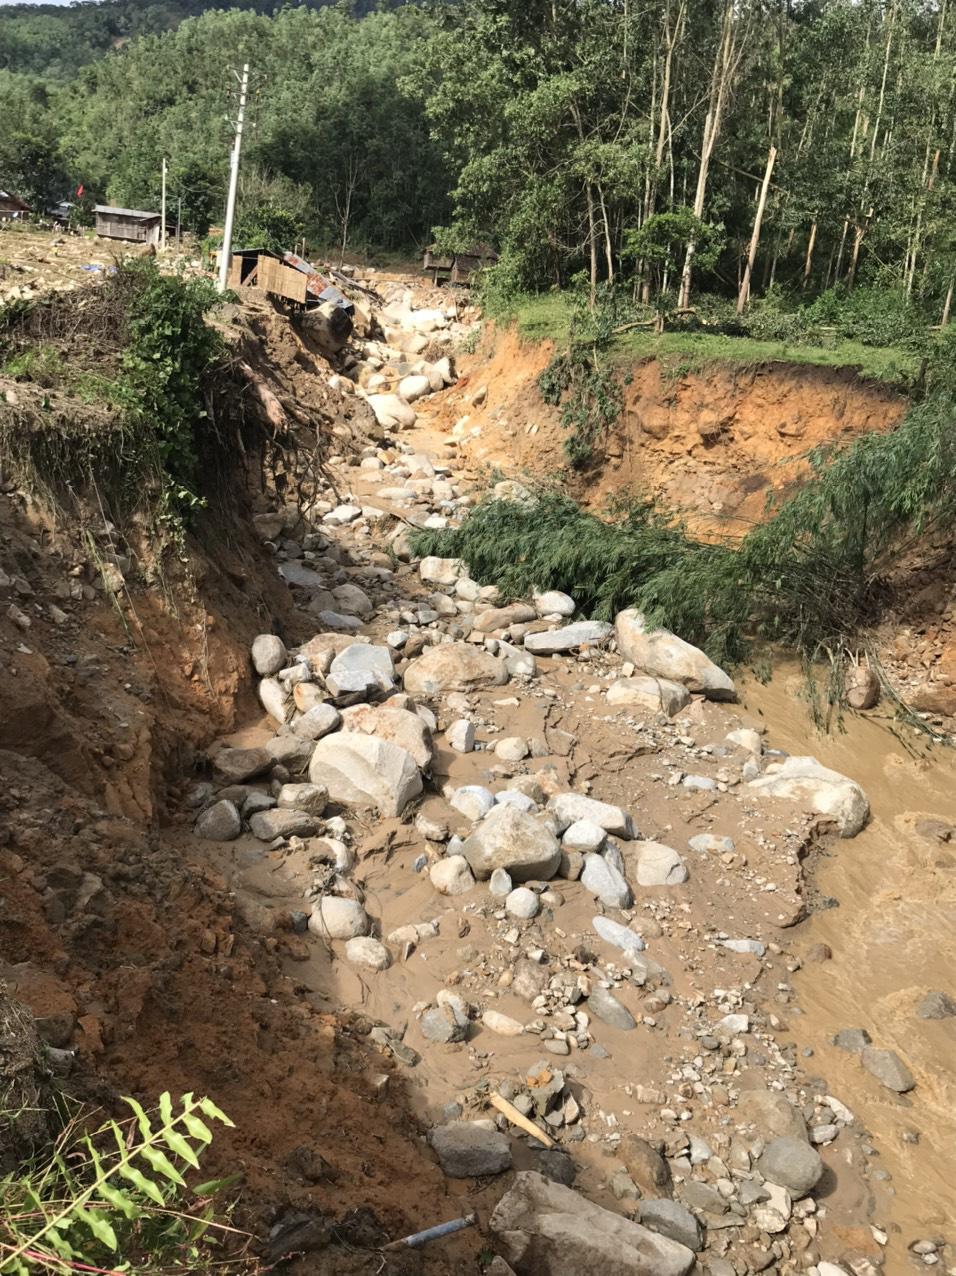 Quảng Ngãi: Lũ quét kinh hoàng cuốn trôi 6 nhà dân, khiến một ngôi làng có nguy cơ bị xóa sổ - Ảnh 7.